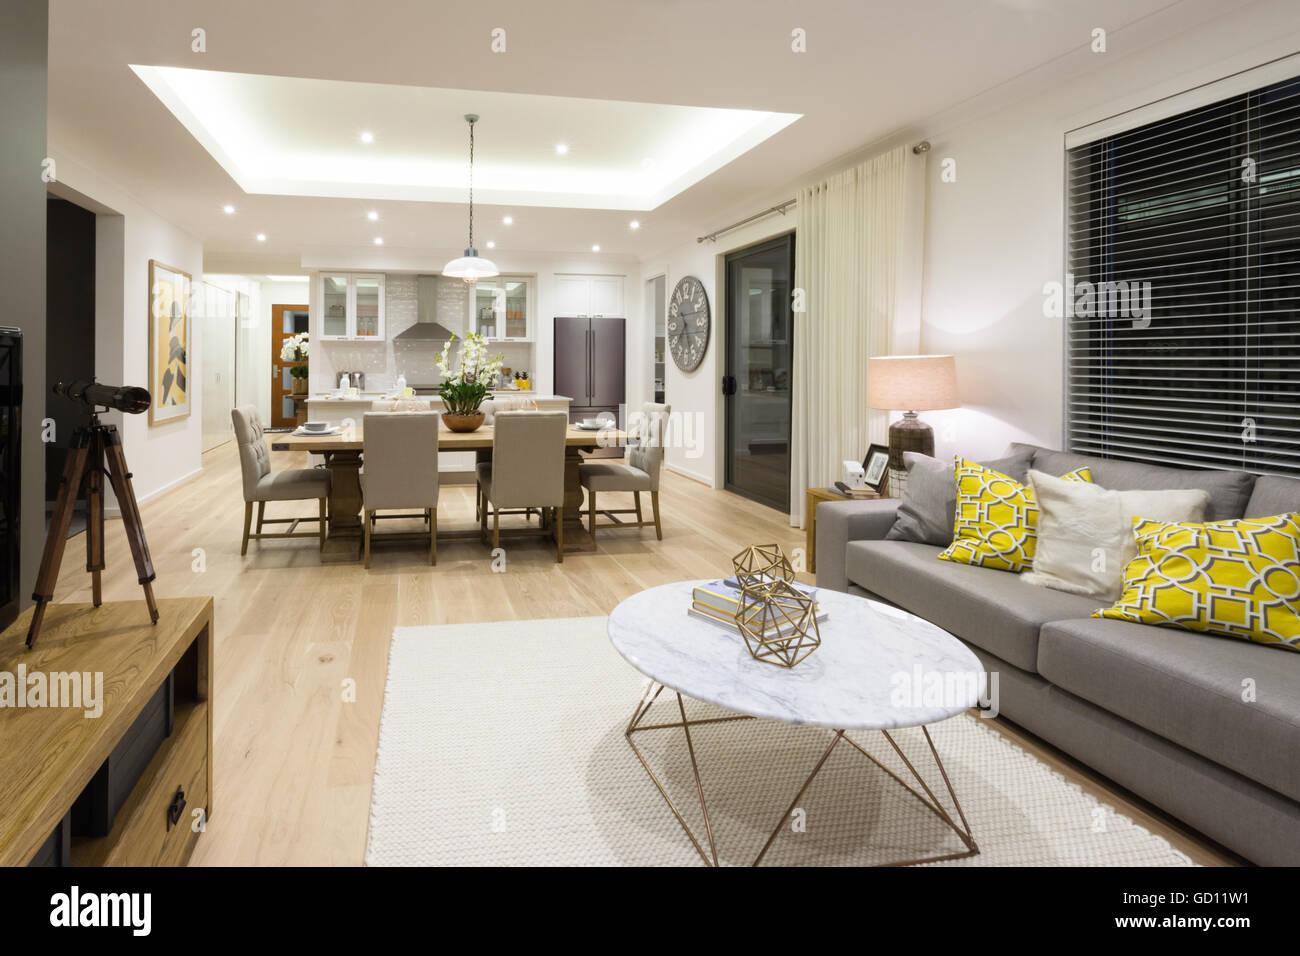 Salón moderno incluyendo sofás, sillas y mesas, al lado de la cocina ...